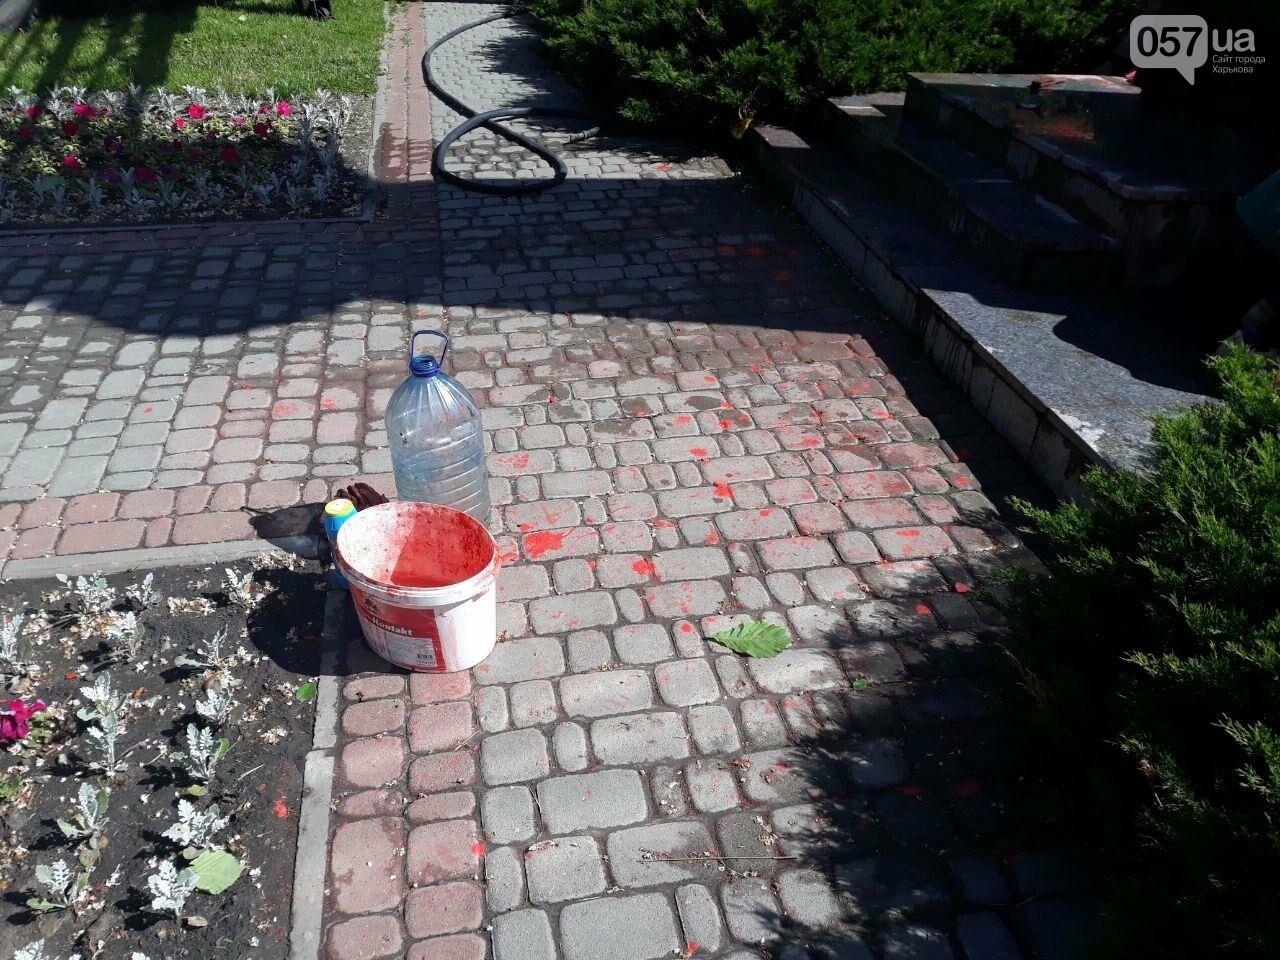 В Харькове неизвестные вновь облили красной краской памятник Жукову, - ФОТО, фото-14